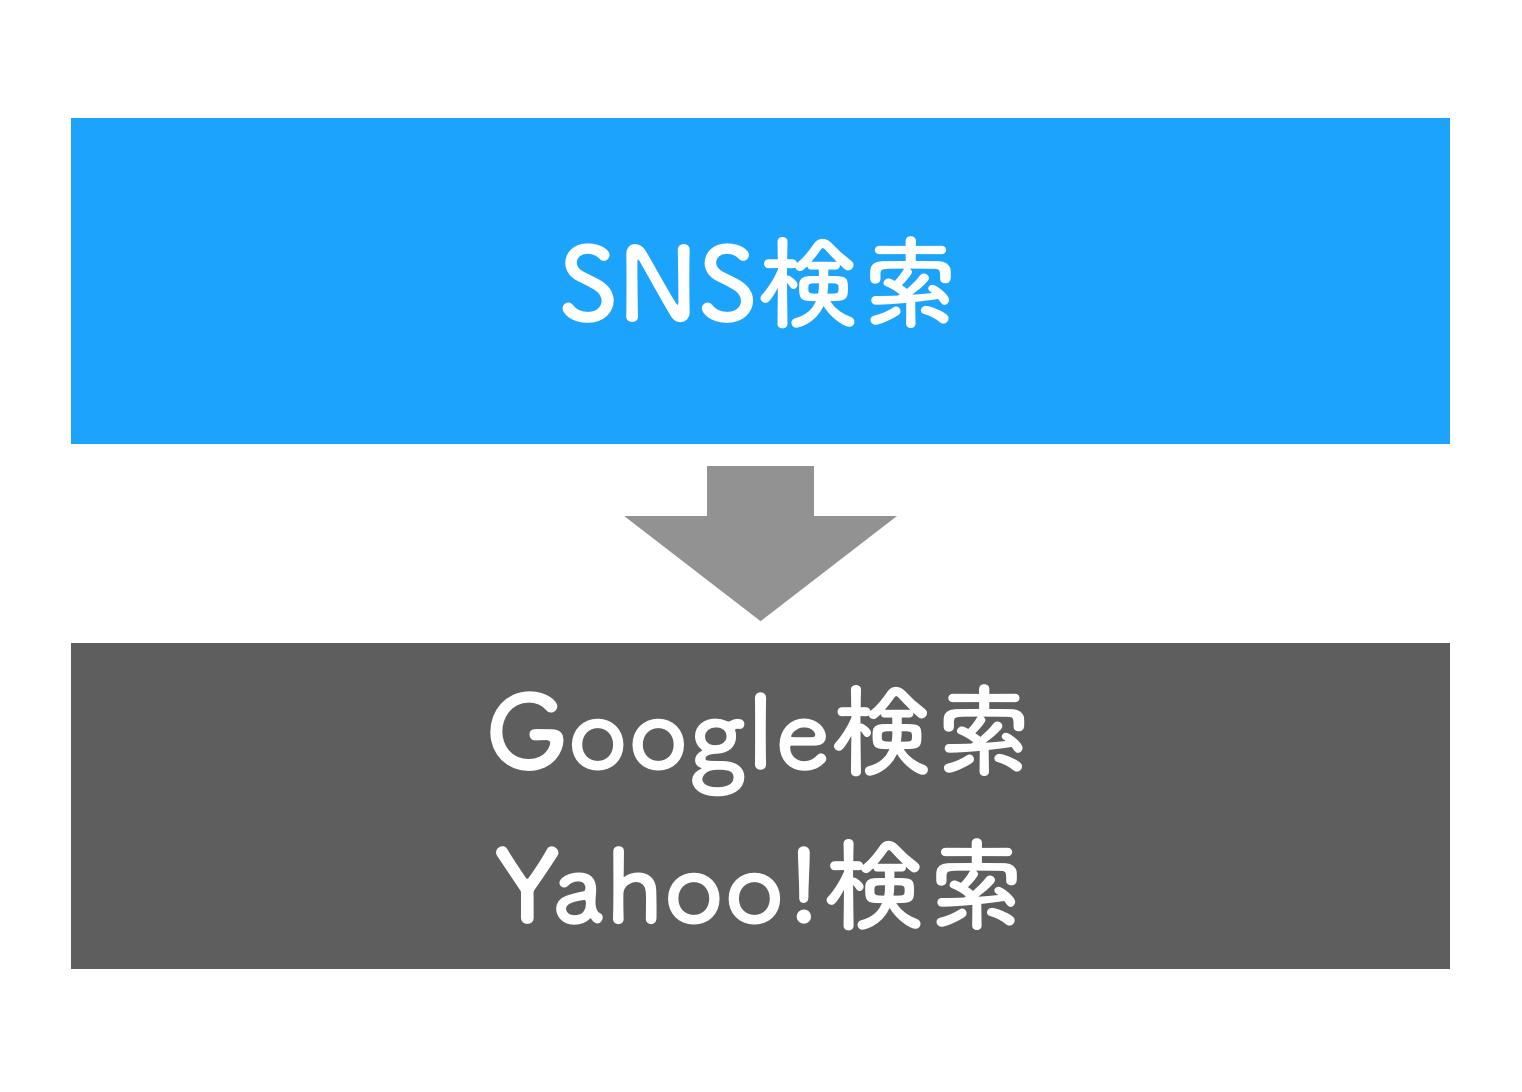 【徹底解明】当たり前になった「SNS検索」の世界。Instagram、Twitter、LINEの検索を科学する。